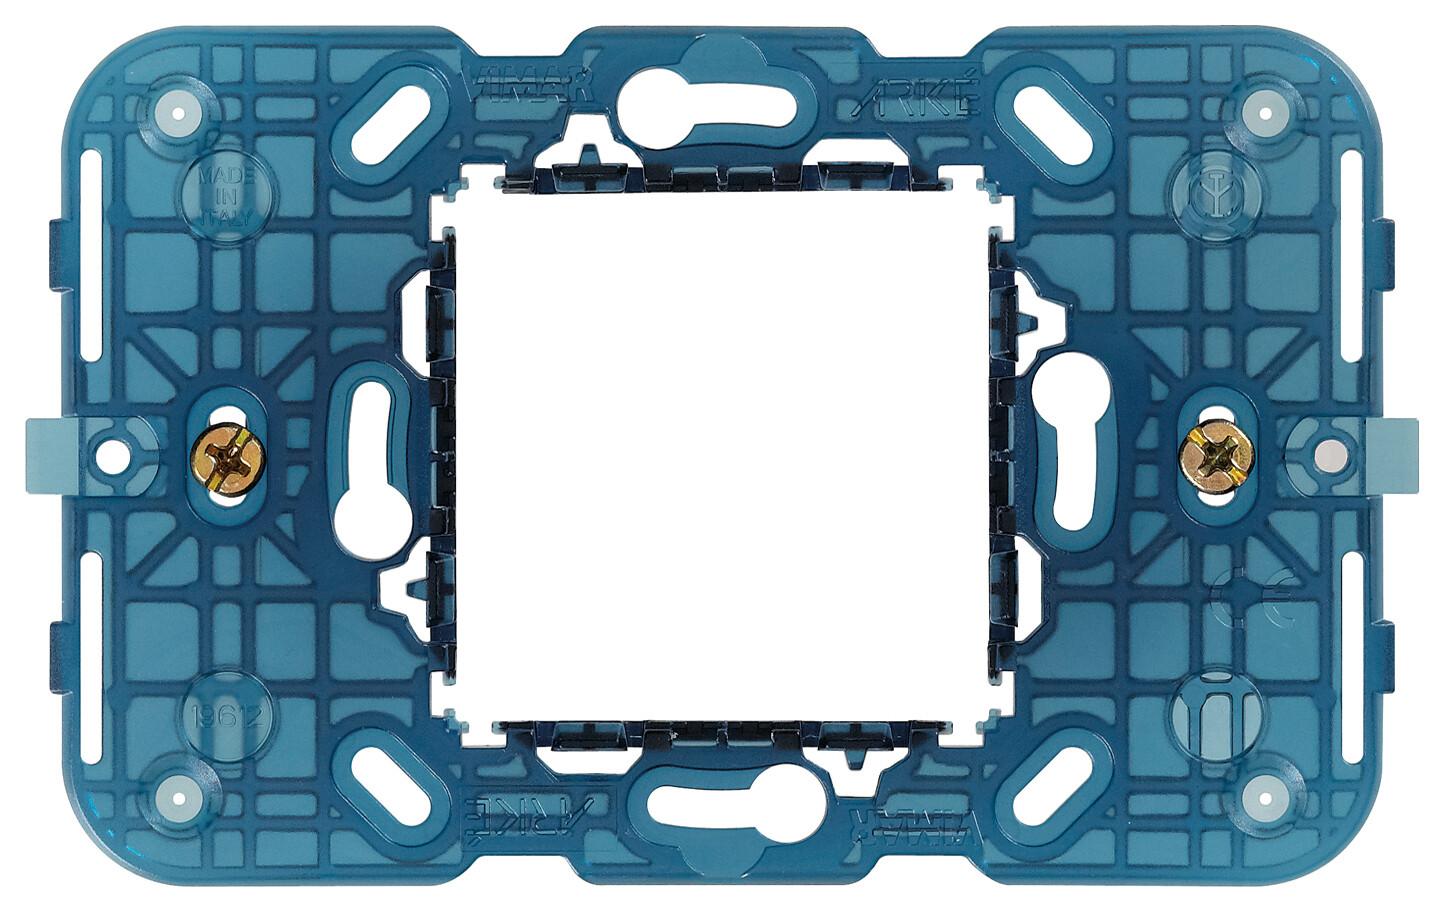 Суппорт 2 модуля центр  с винтами